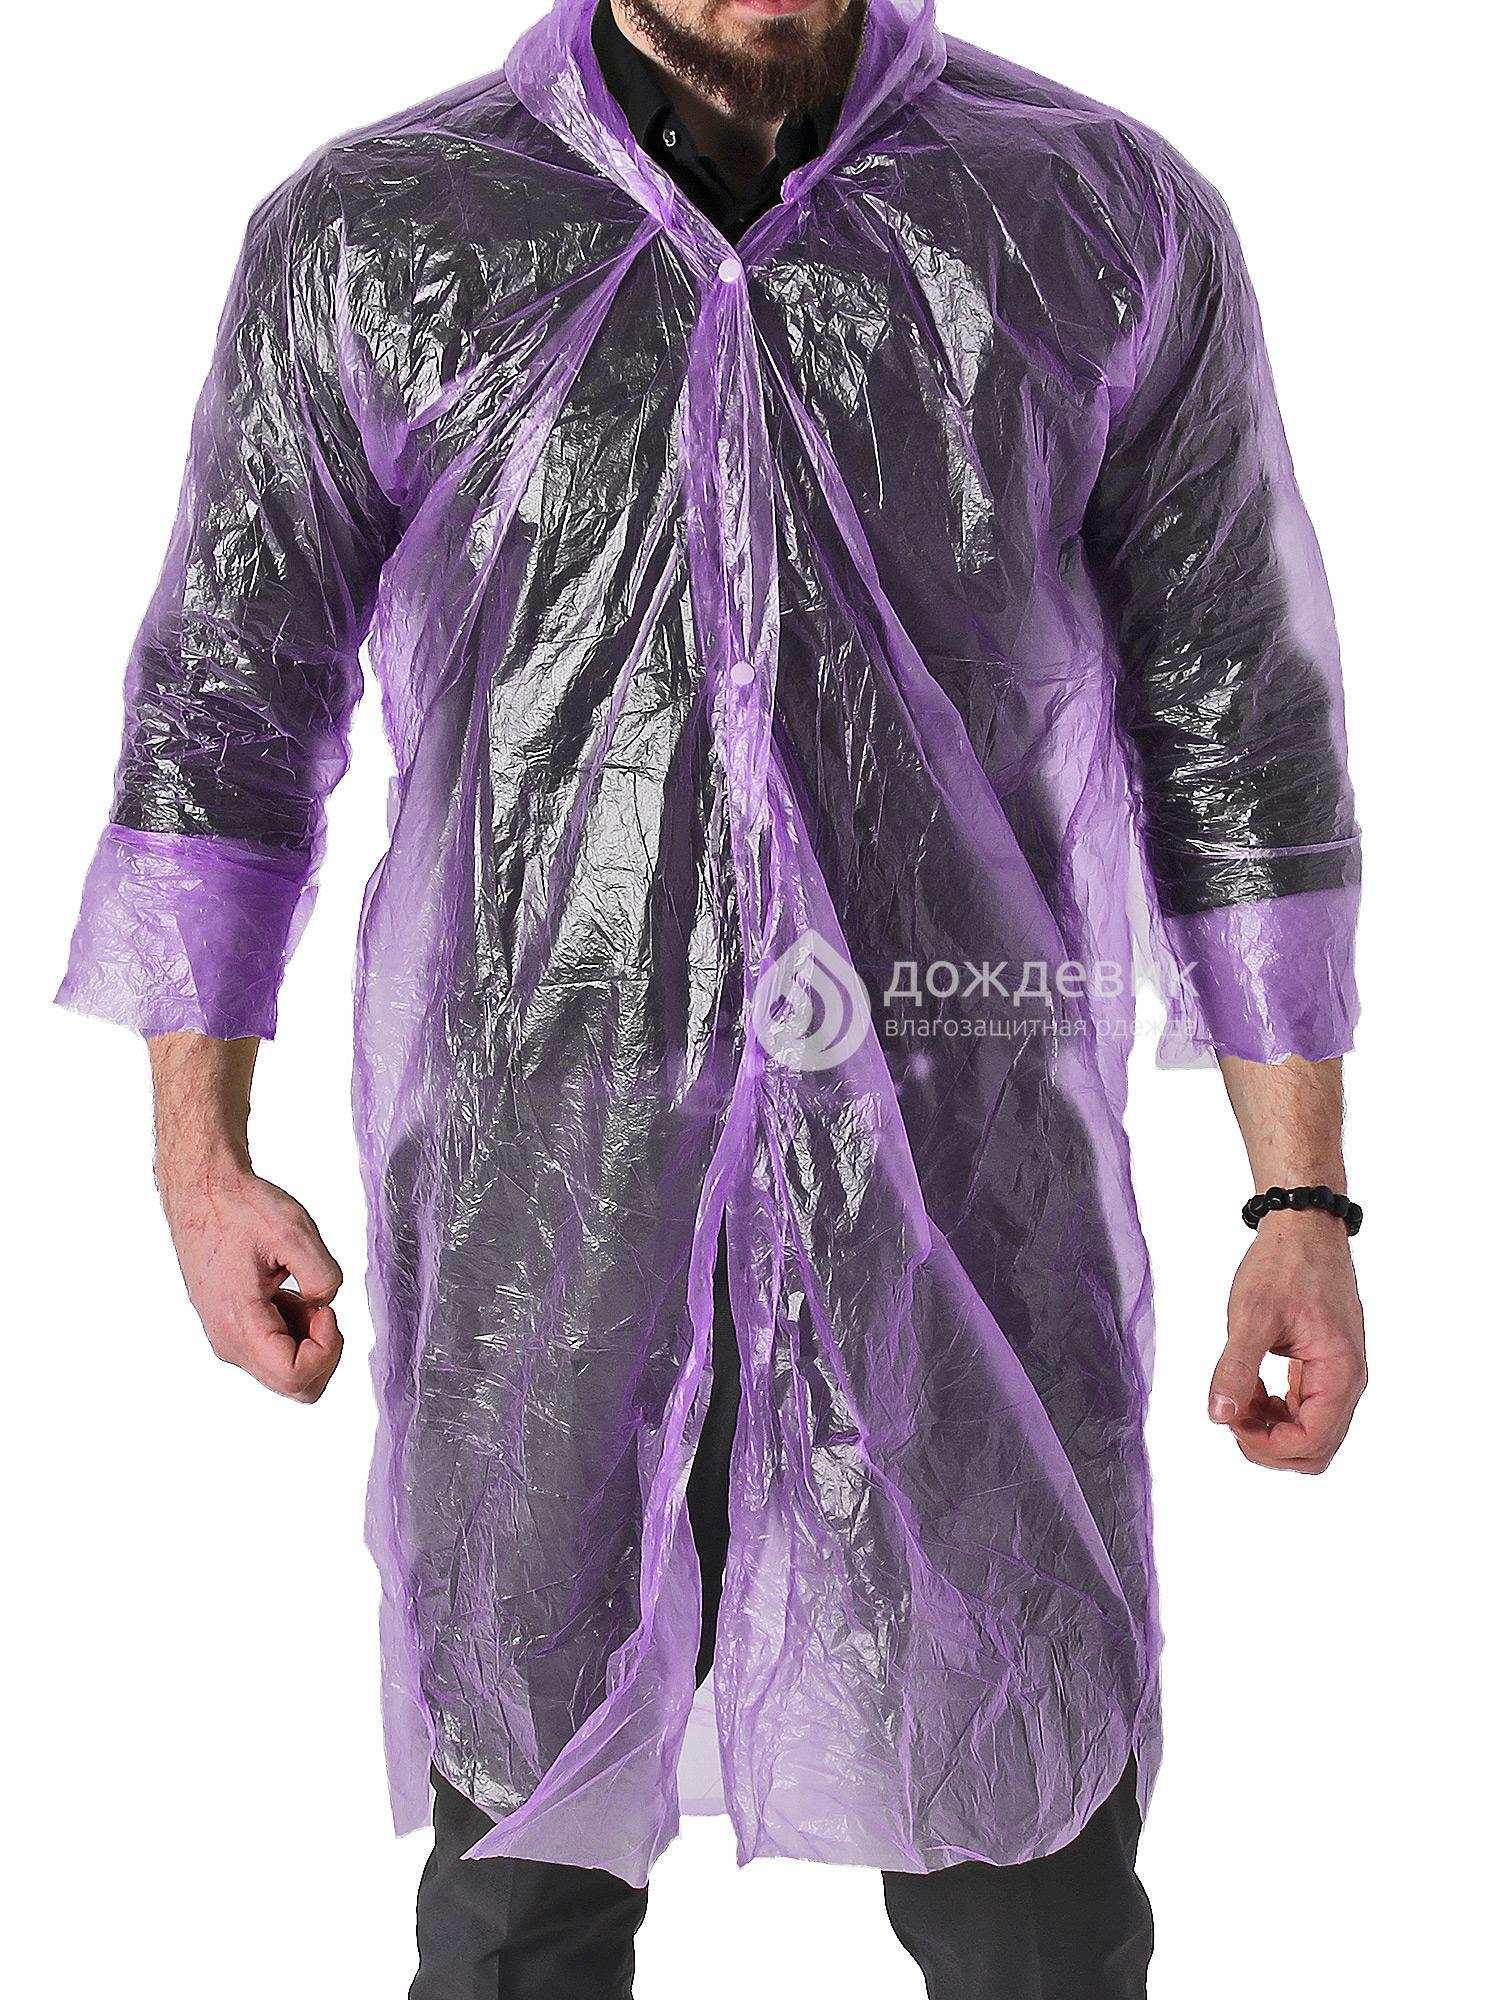 Плащ-дождевик одноразовый на кнопках фиолетовый